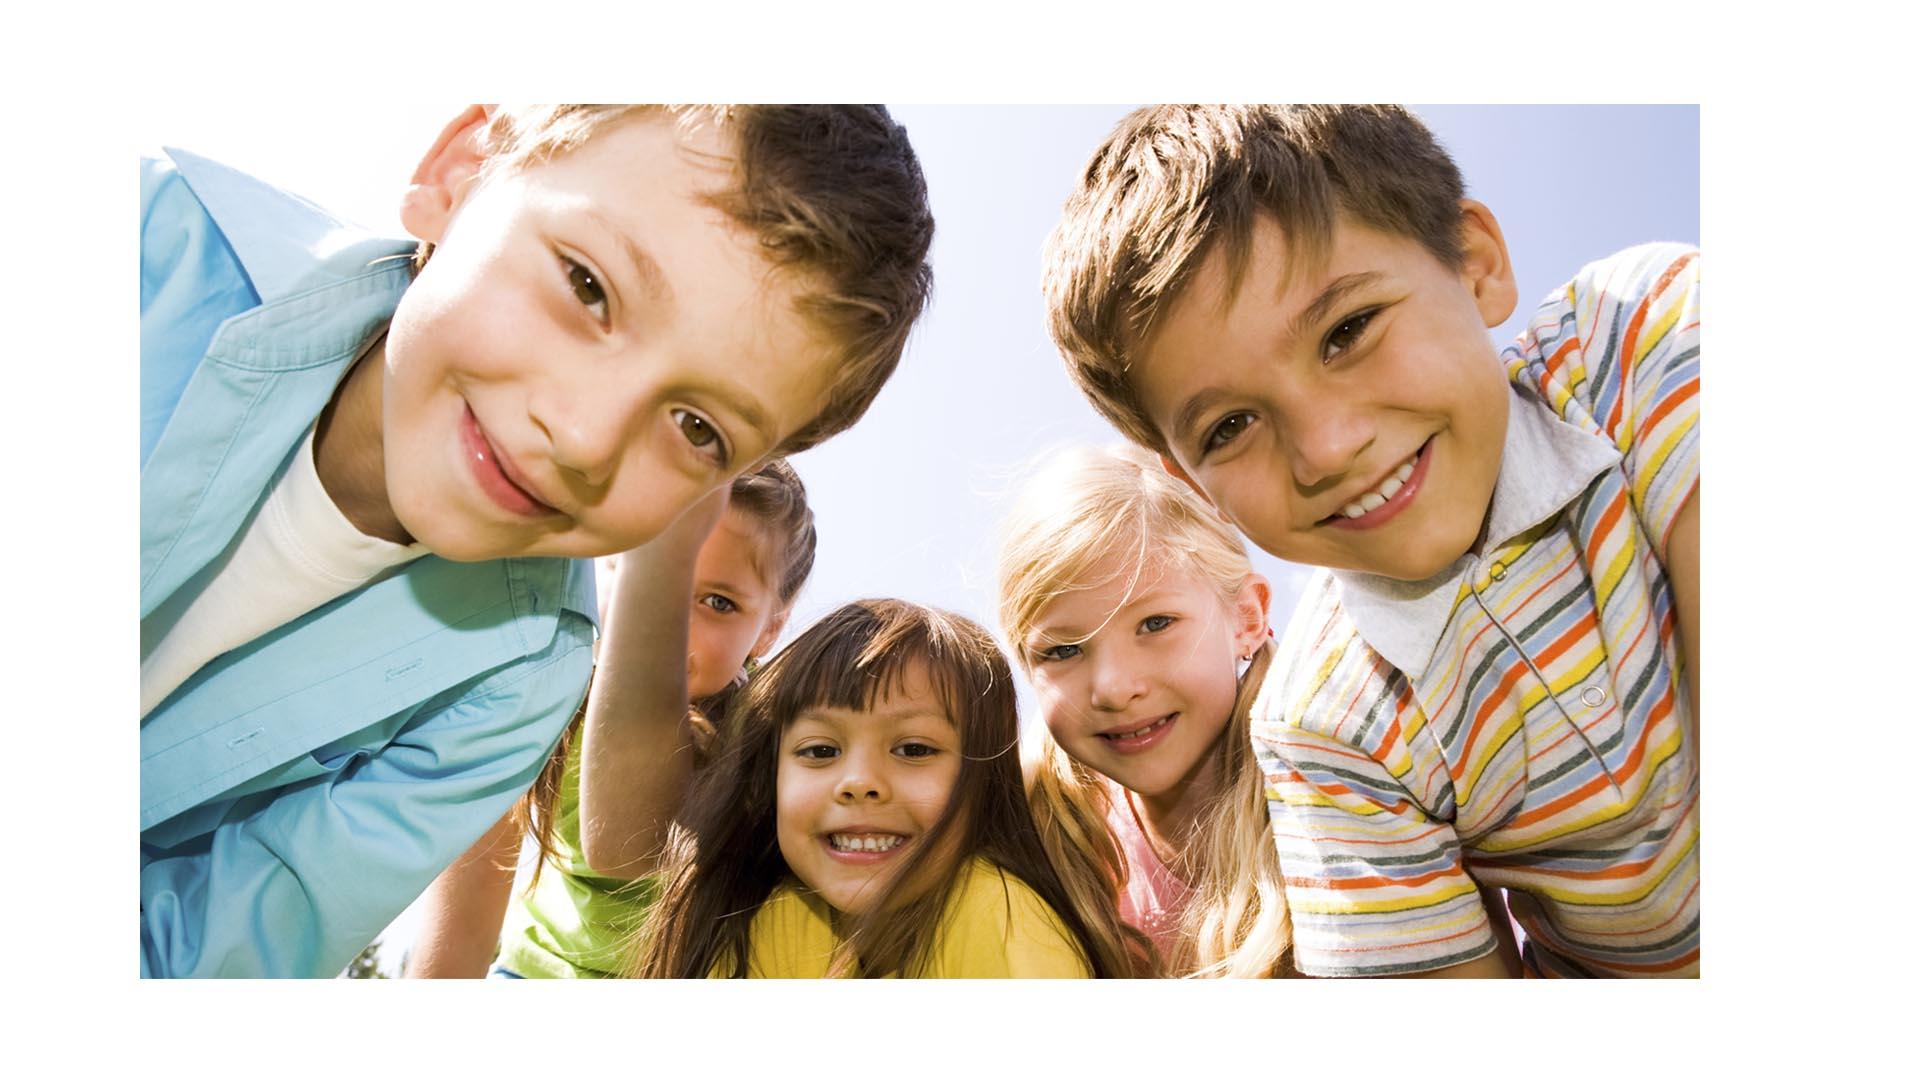 Expertos aseguran que este estado de ánimo es muy importante en el desarrollo de los niños para que luchen por sus metas y sueños